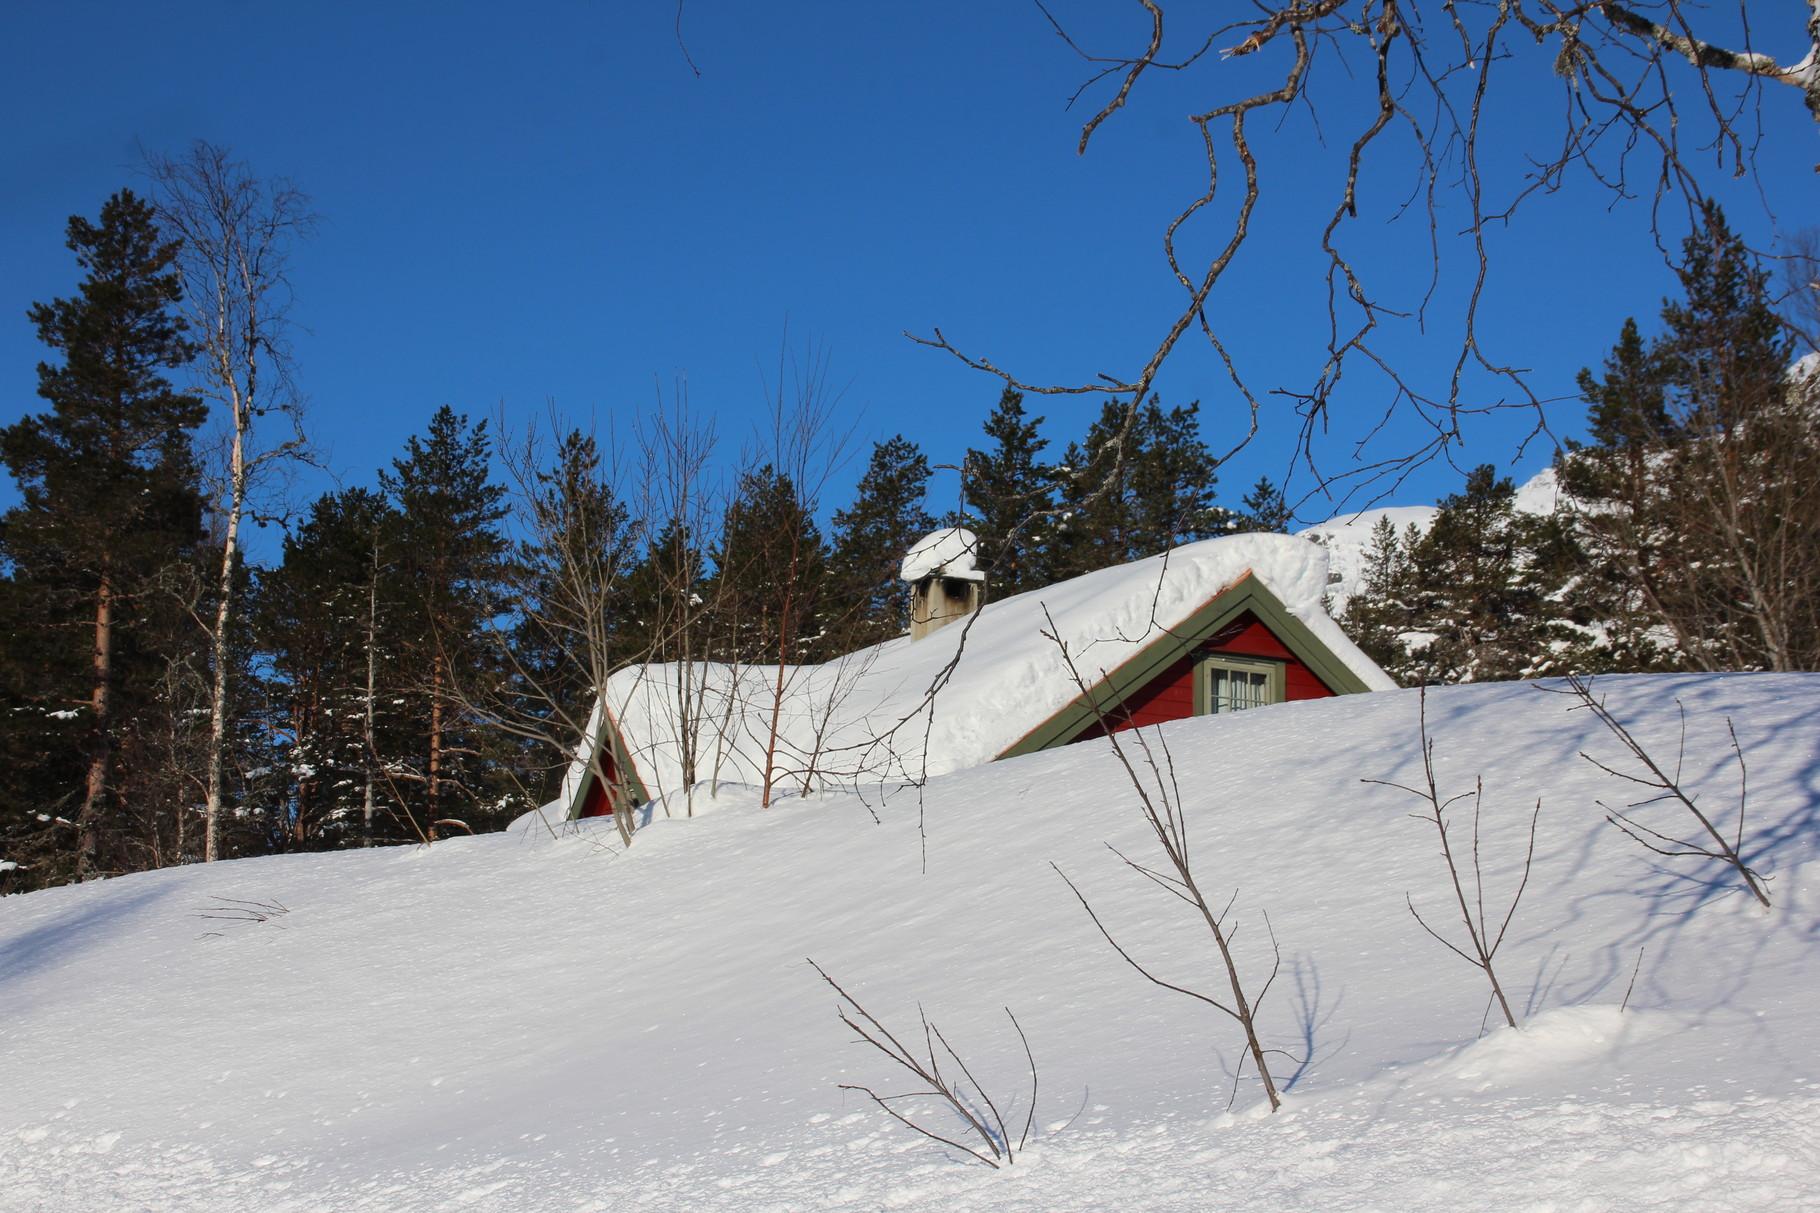 Eingeschneite Hütten...da